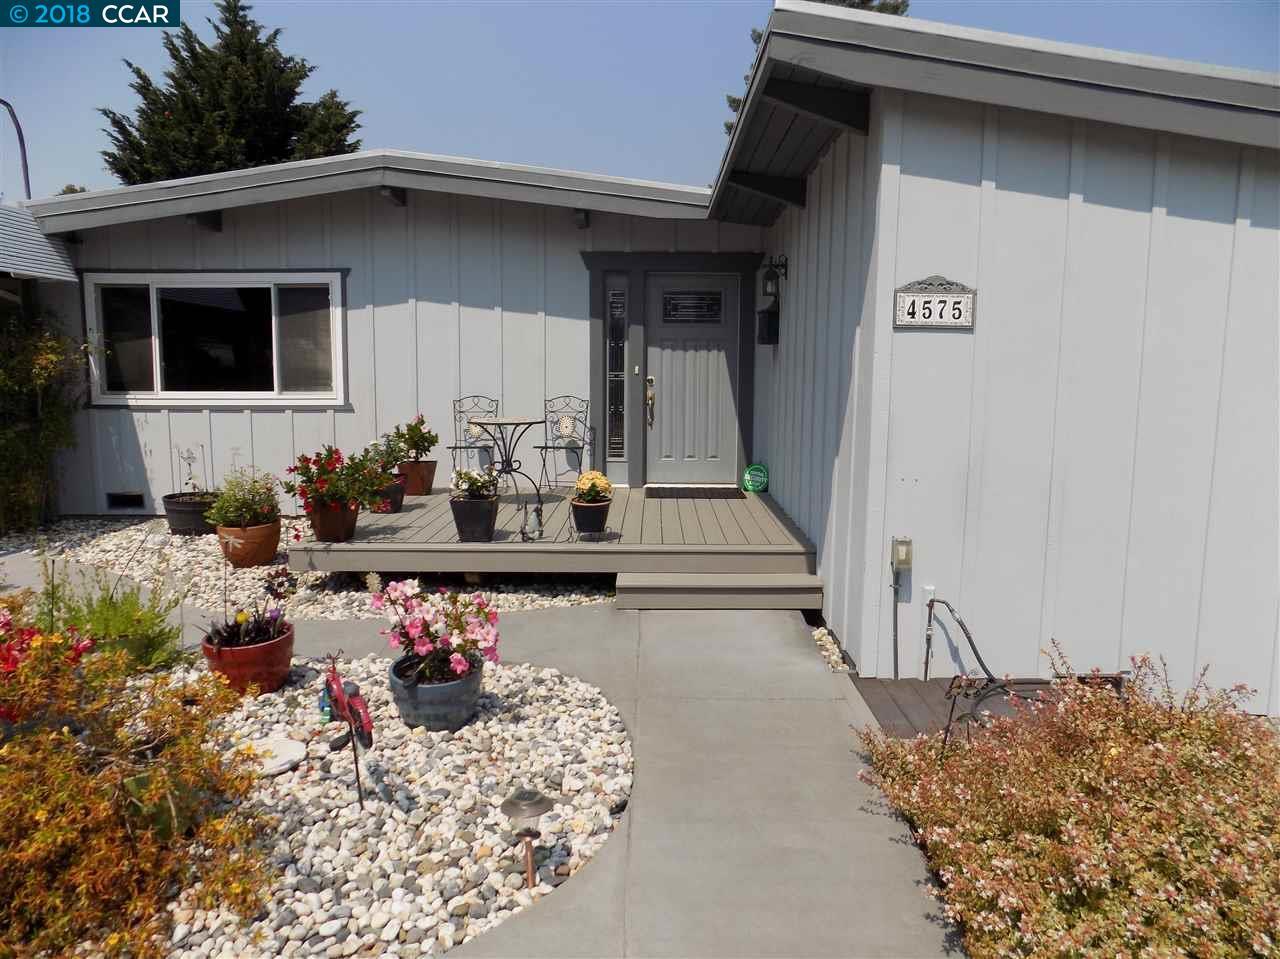 4575 UTAH DR., RICHMOND, CA 94803